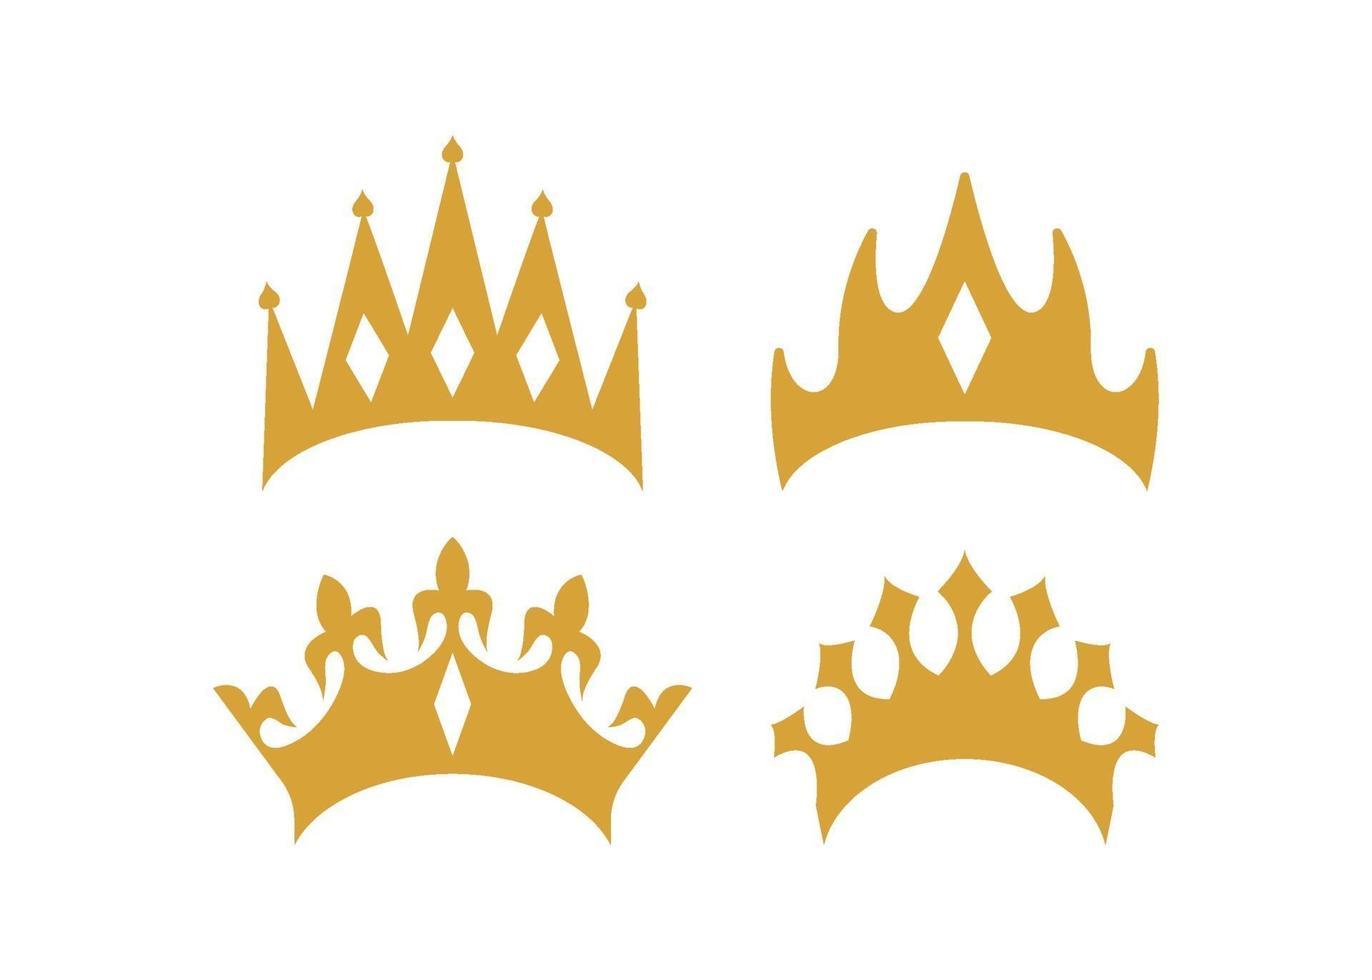 conjunto de vectores de ilustración de icono de corona